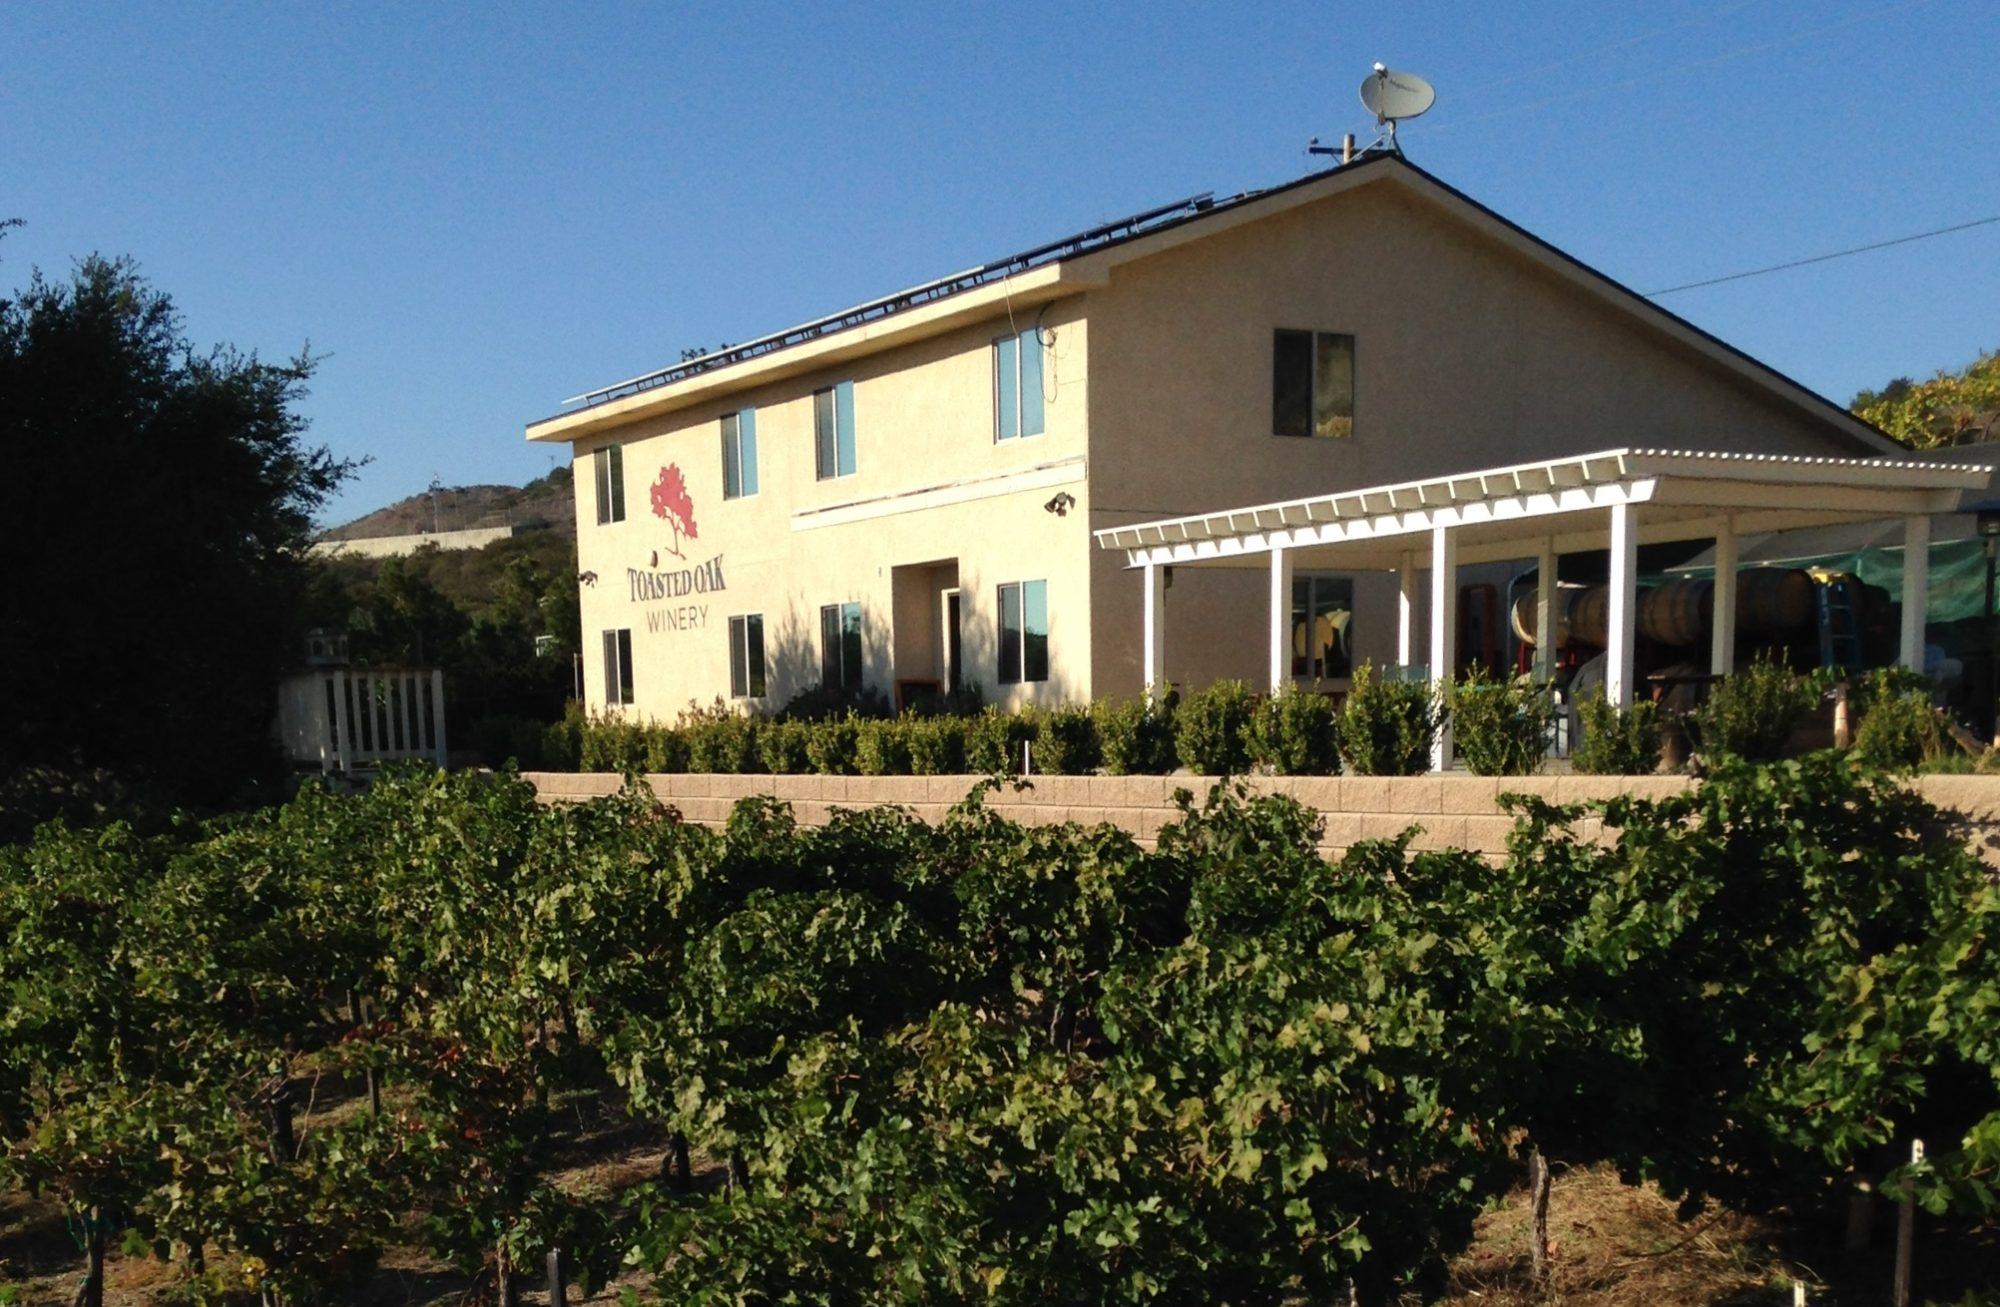 Toasted Oak Vineyards & Winery